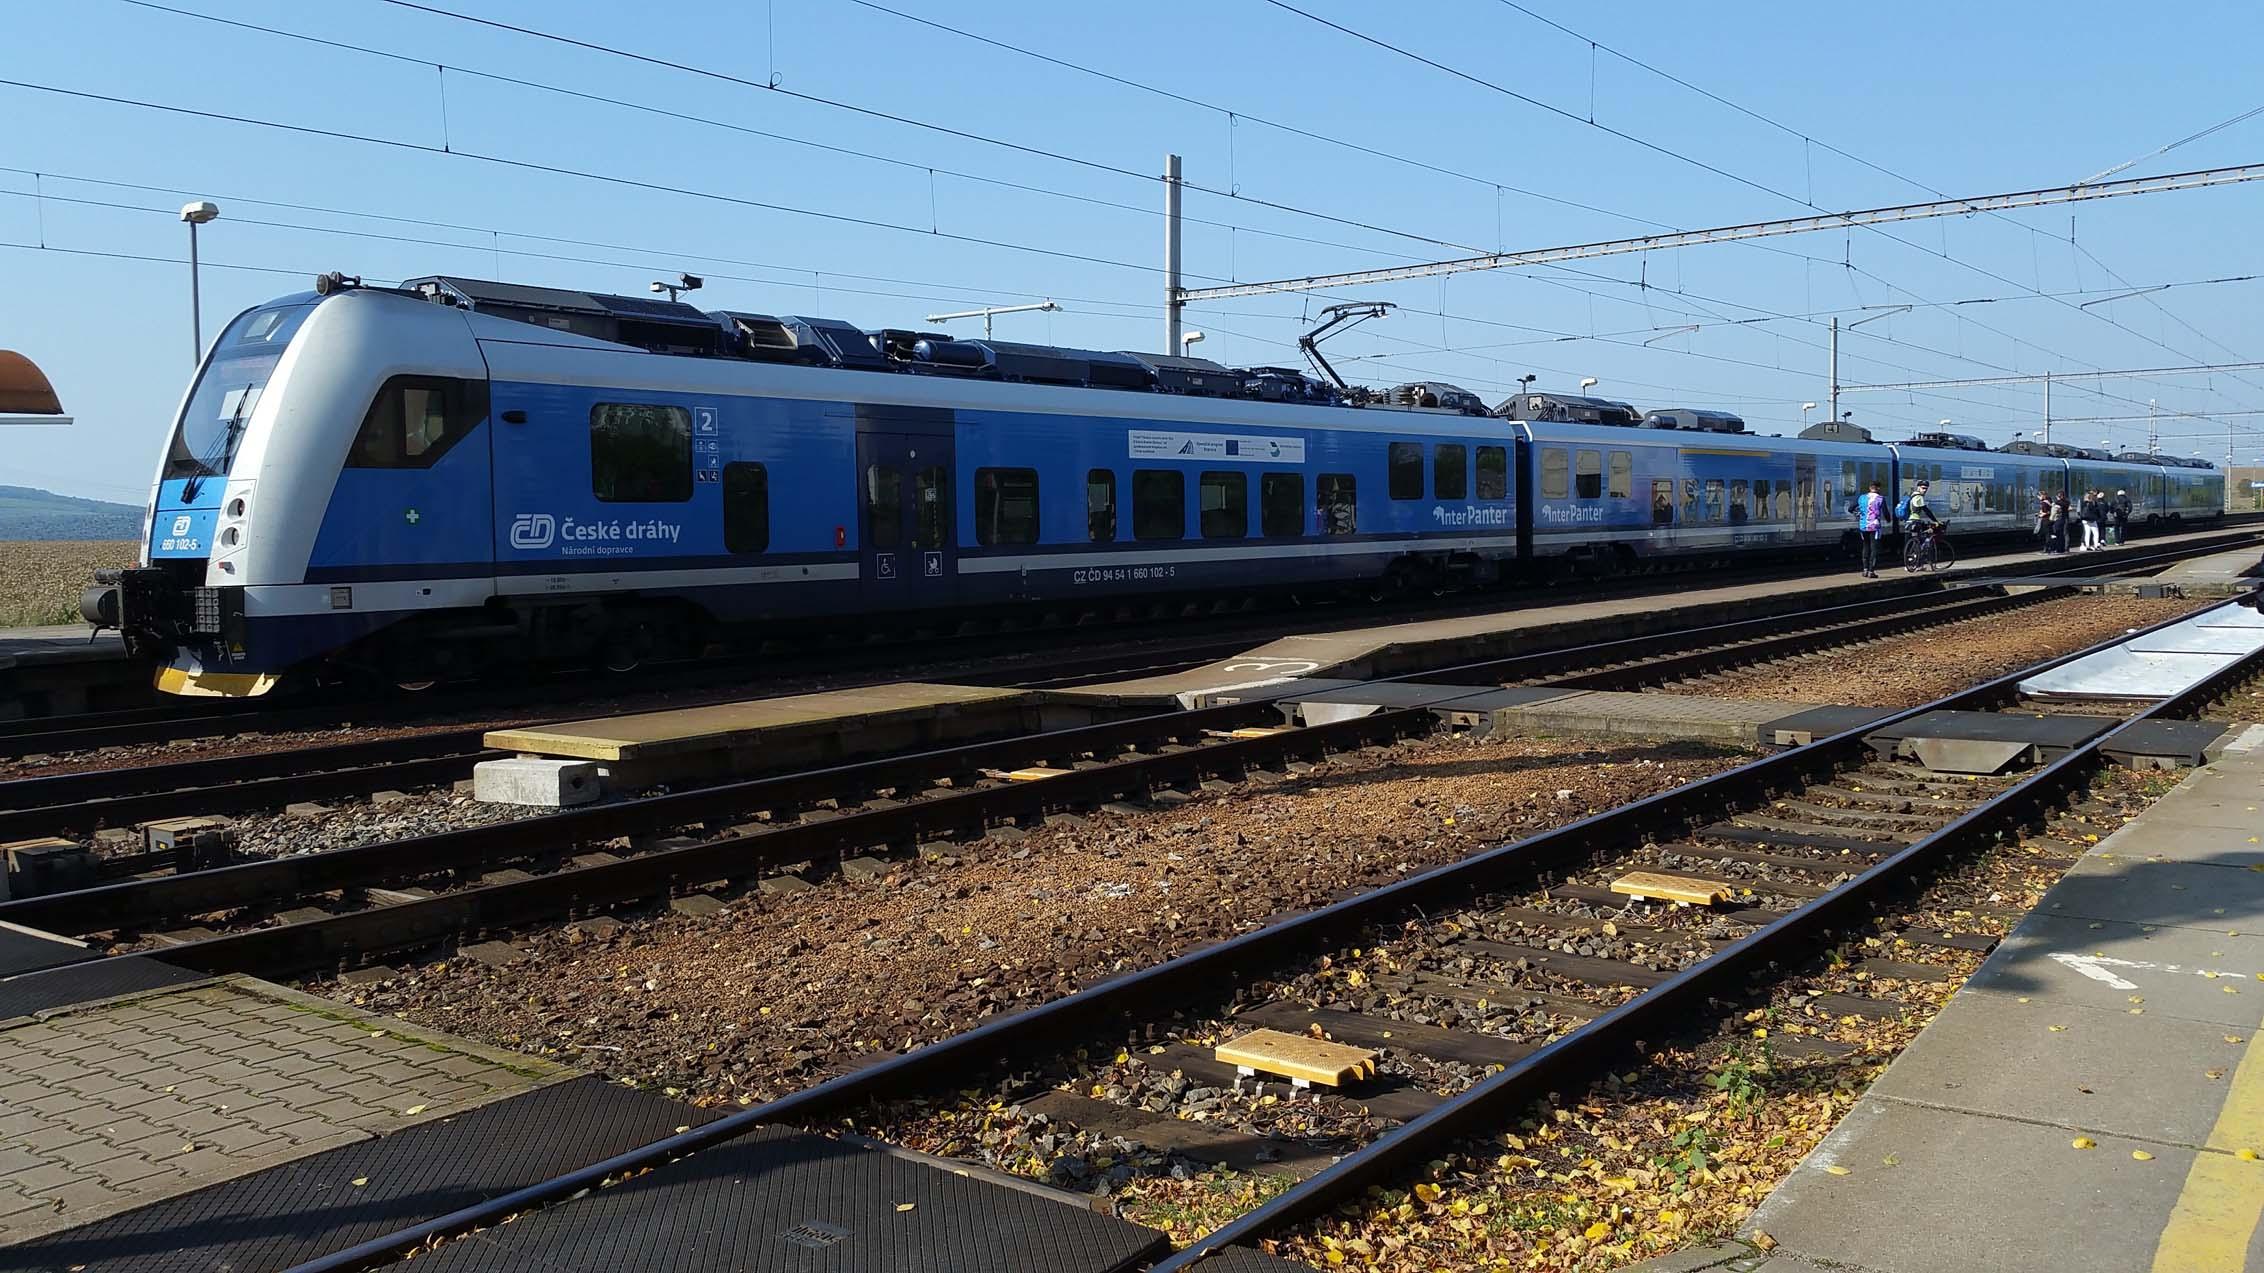 Nádraží Šakvice - vlak od Brna, cestující vystupují na druhou stranu. V popředí nízké nástupiště ve směru na Brno.